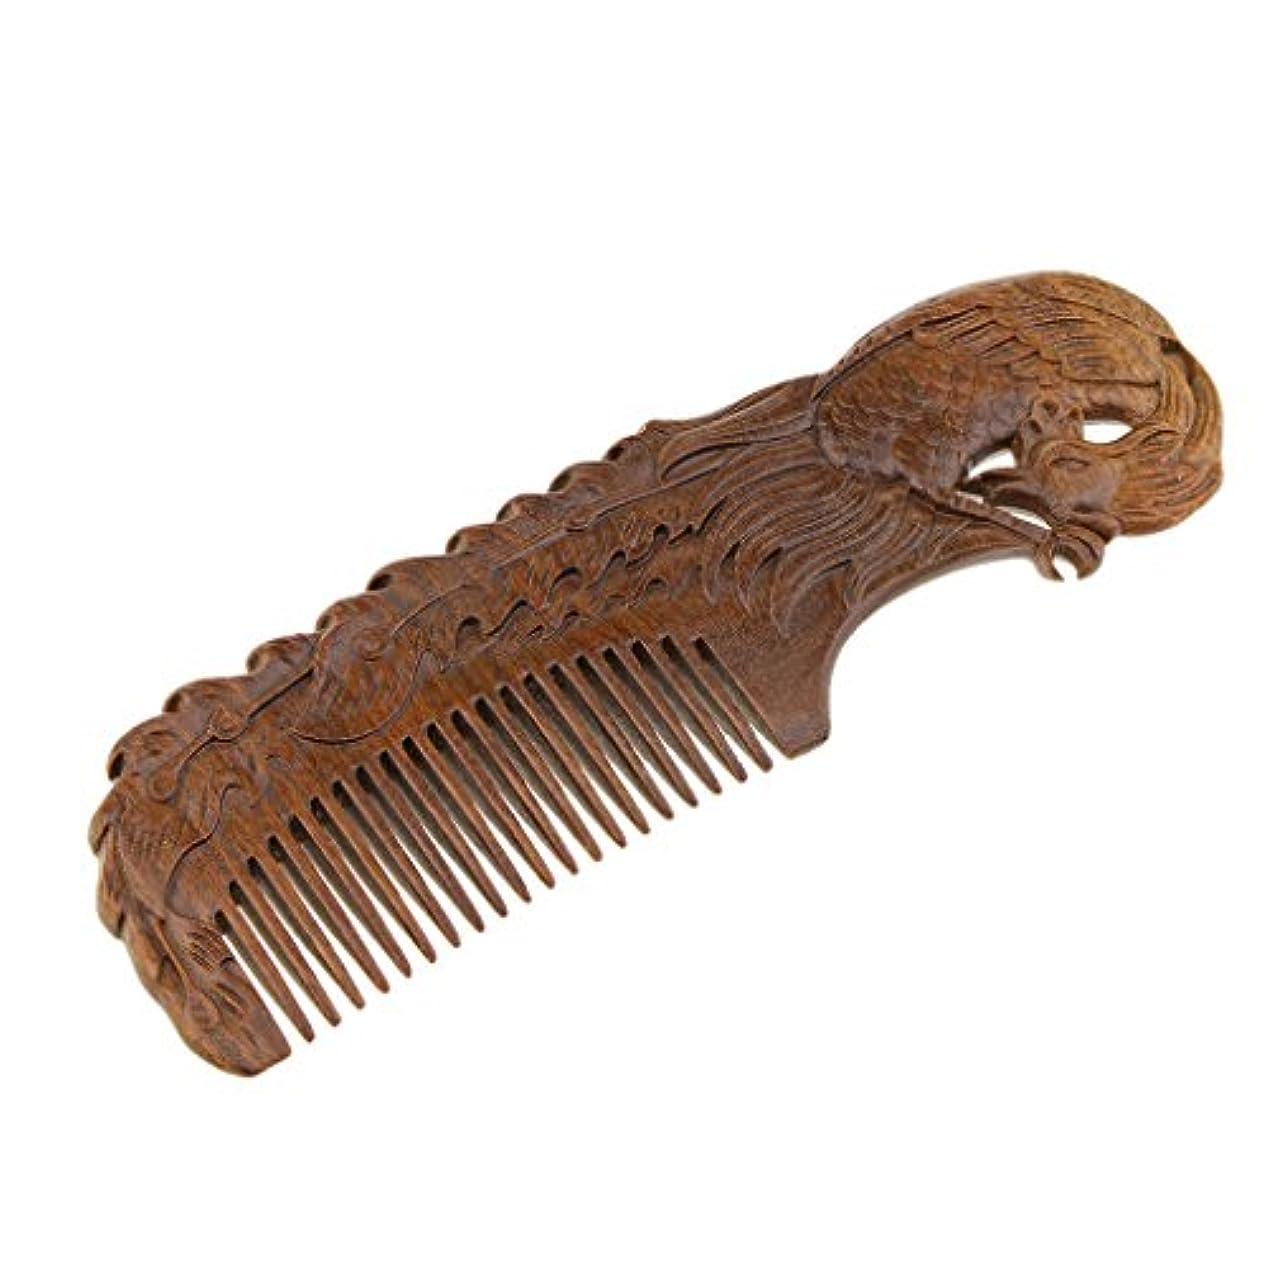 保存ステートメント書き出すヘアスタイリング ナチュラル ウッドコーム ワイド歯 ヘアコーム ヘアブラシ 櫛 プレゼント 全2タイプ - Phoenix